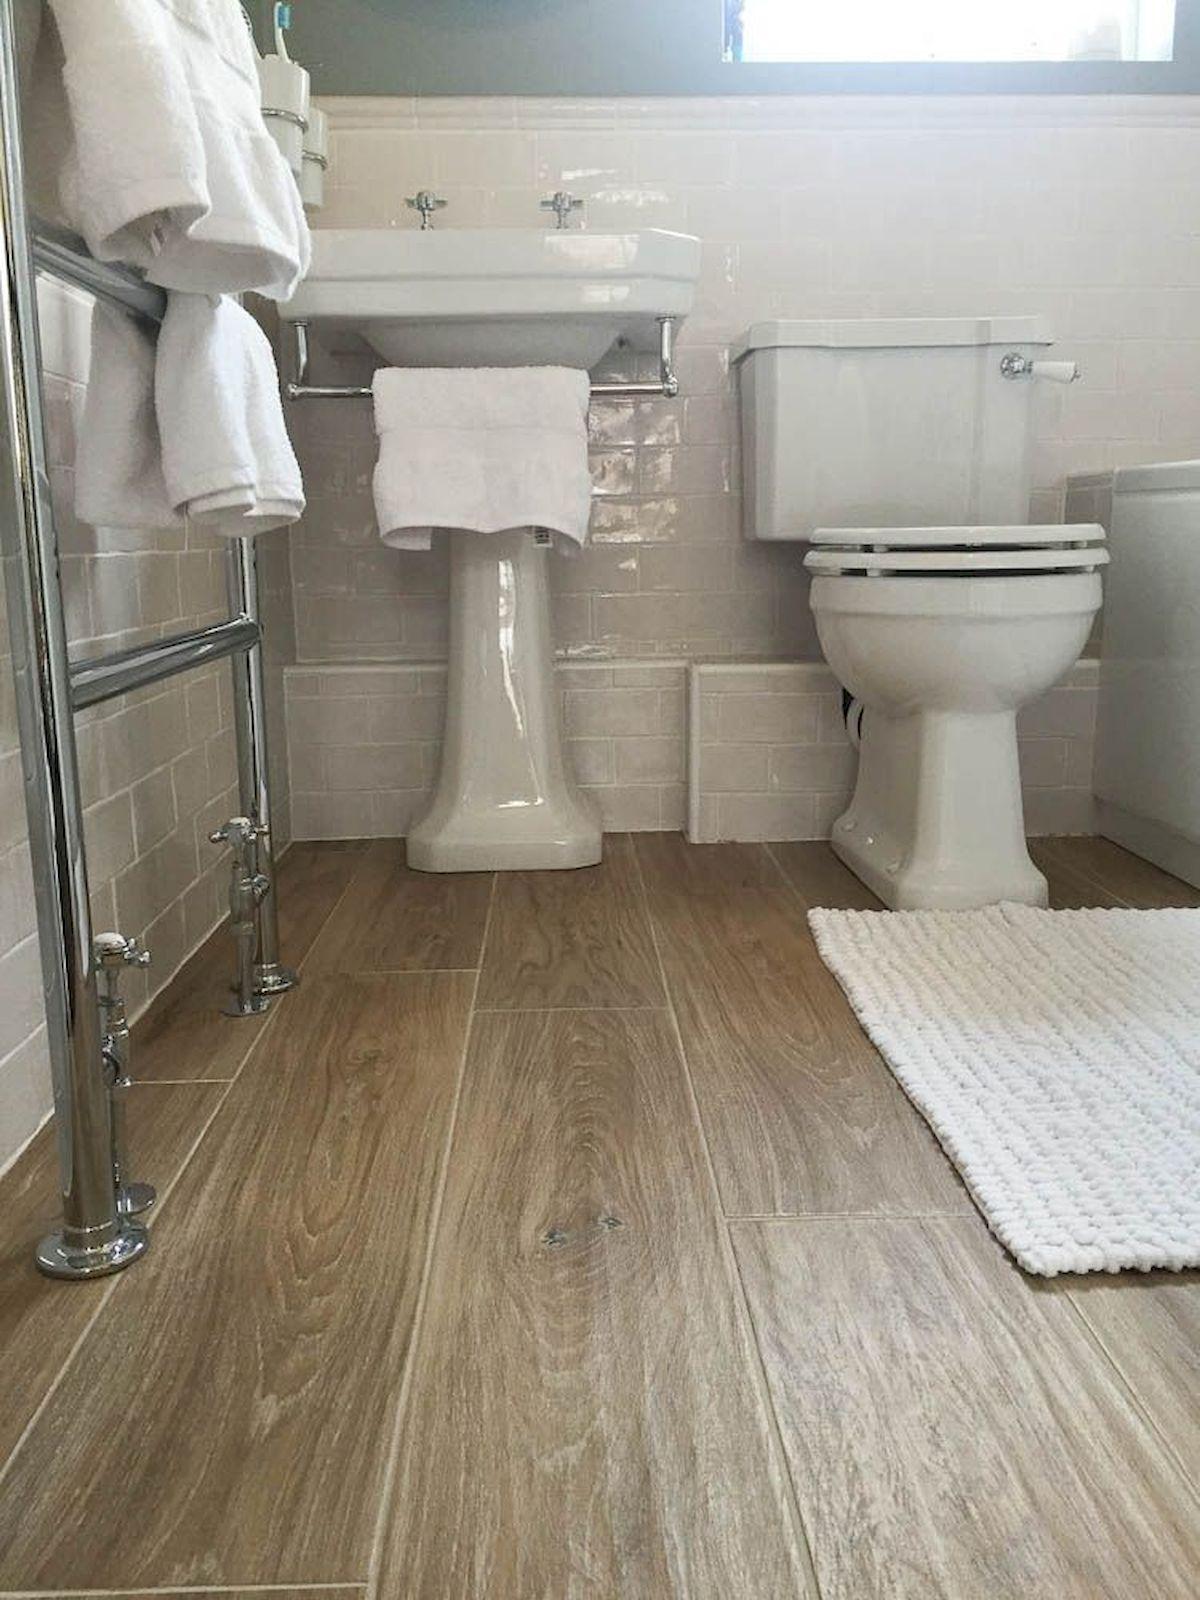 Bathroom Floor Ideas and Designs | Wood floor bathroom ...